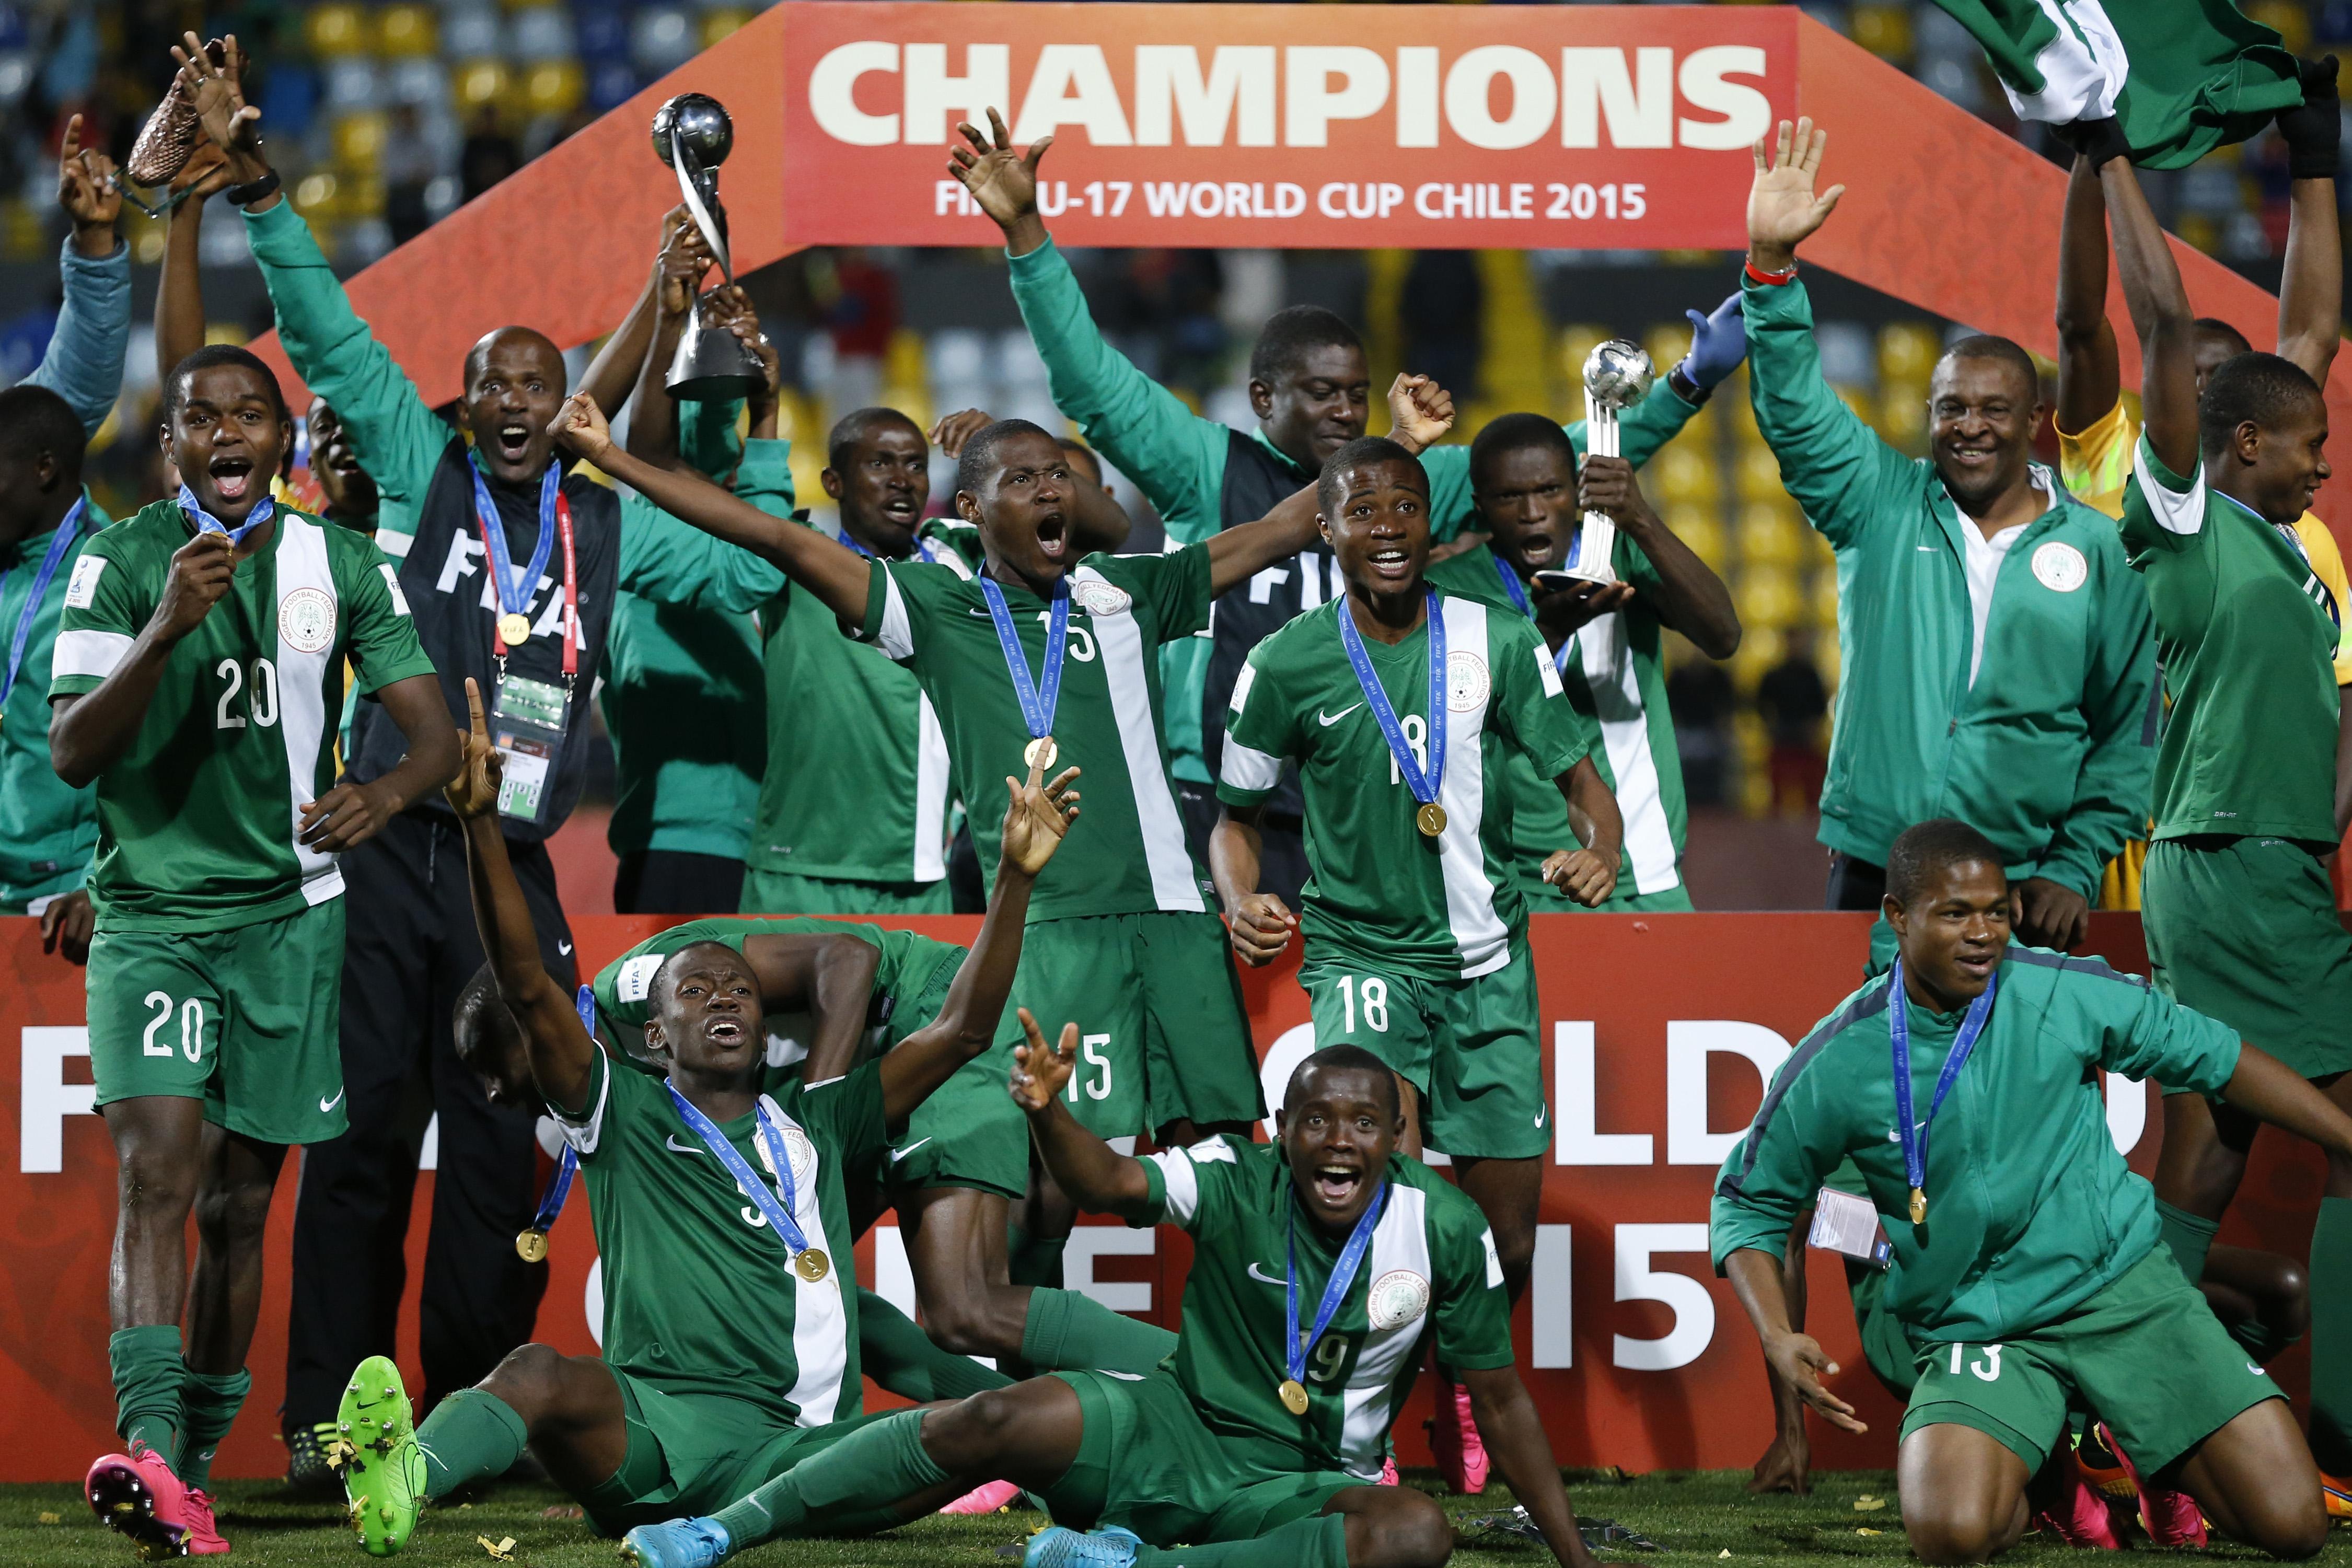 Kiderült, hogy a nigériai U17-es focicsapatban szinte mindenki idősebb 17 évesnél